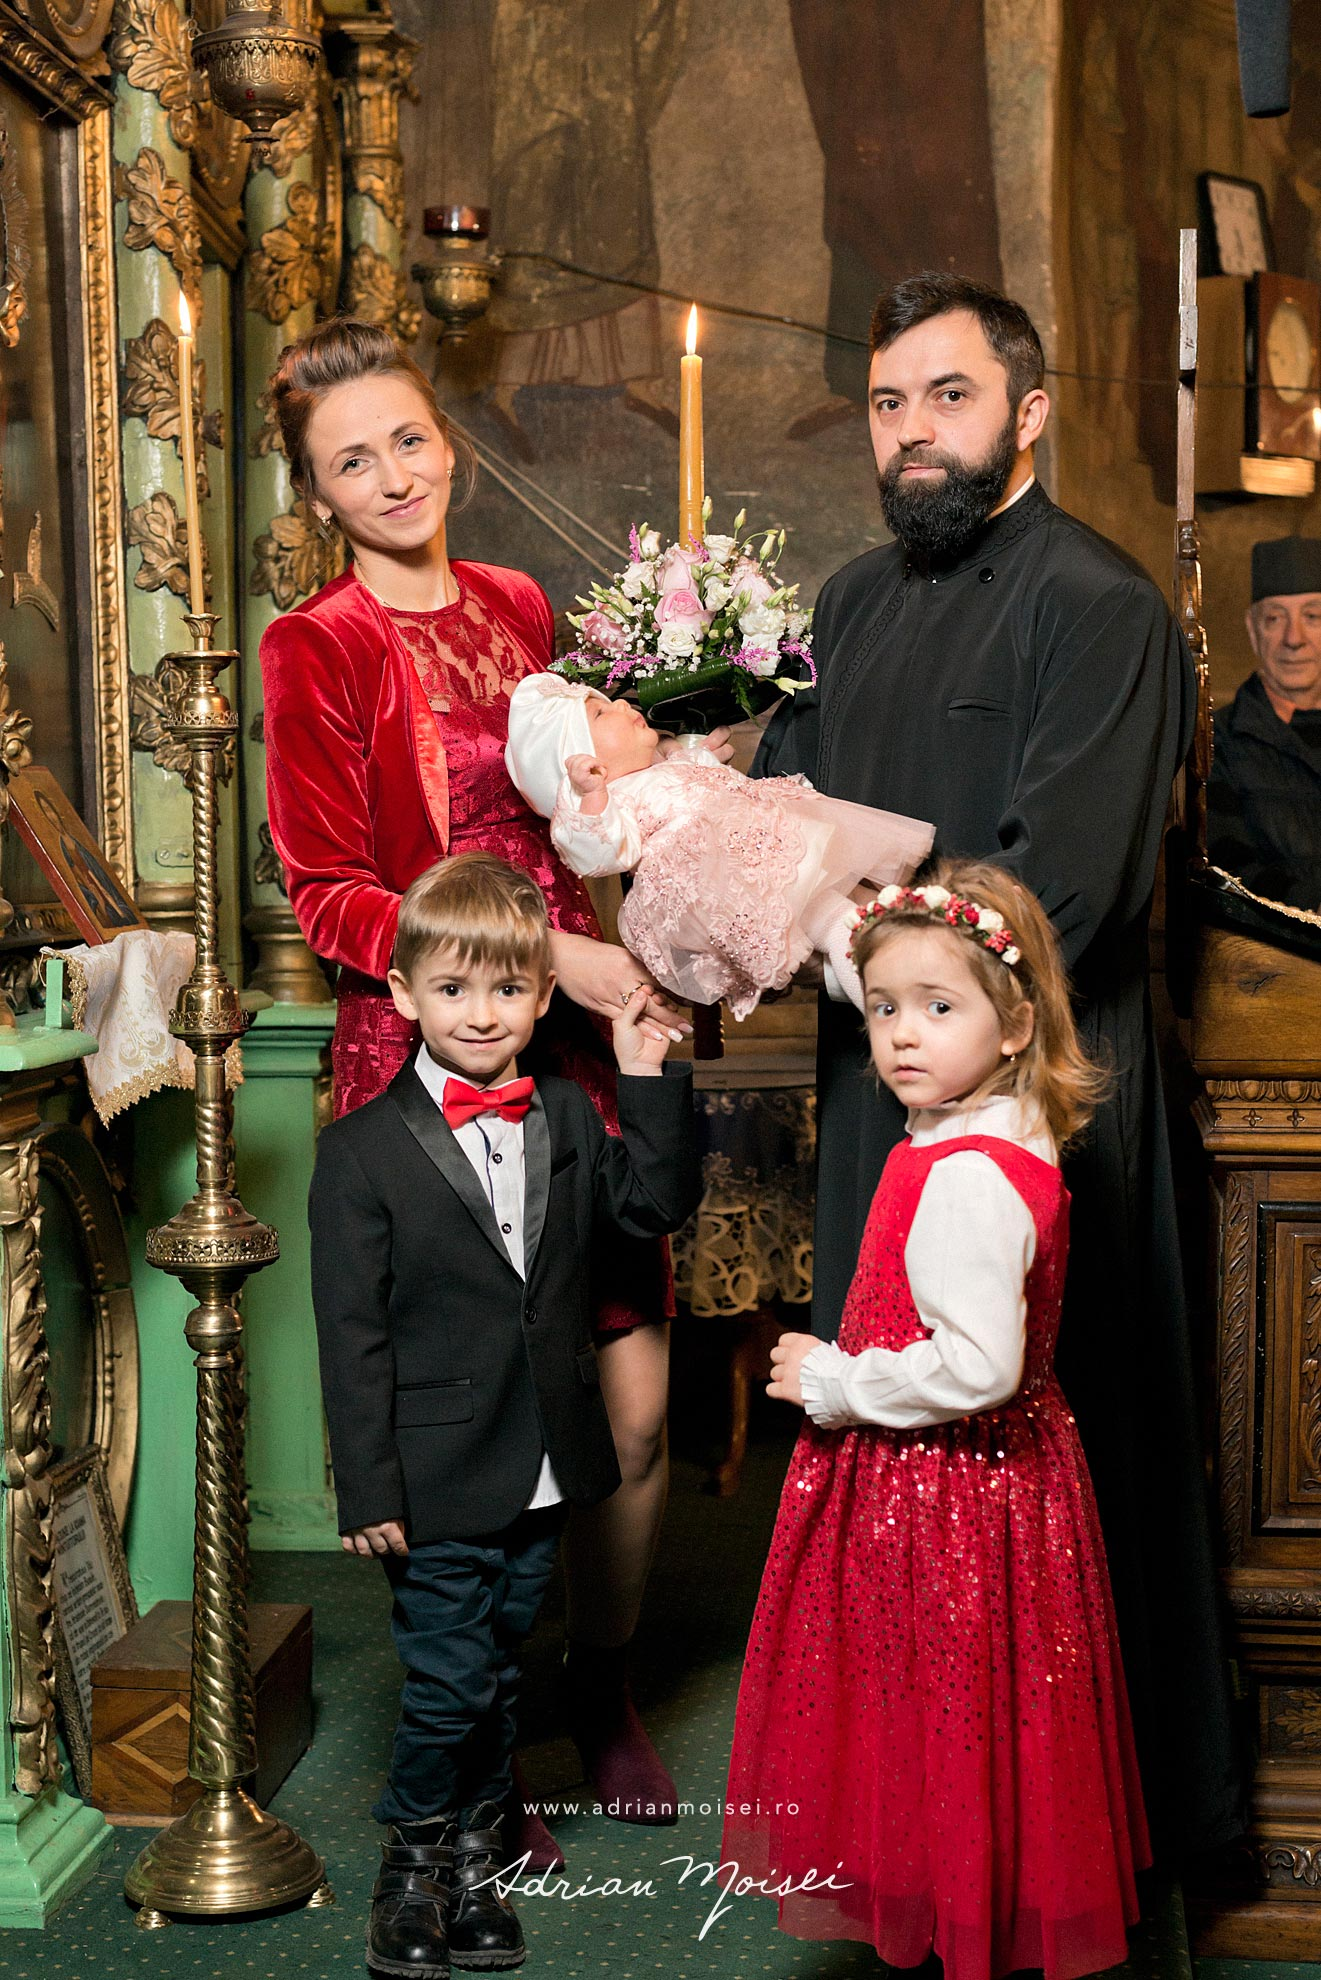 Botez in culorile fericirii, in Iași la biserica Sfântul Ioan Zlataust, fotograf de botez Iasi, Adrian Moisei, fotografie de familie